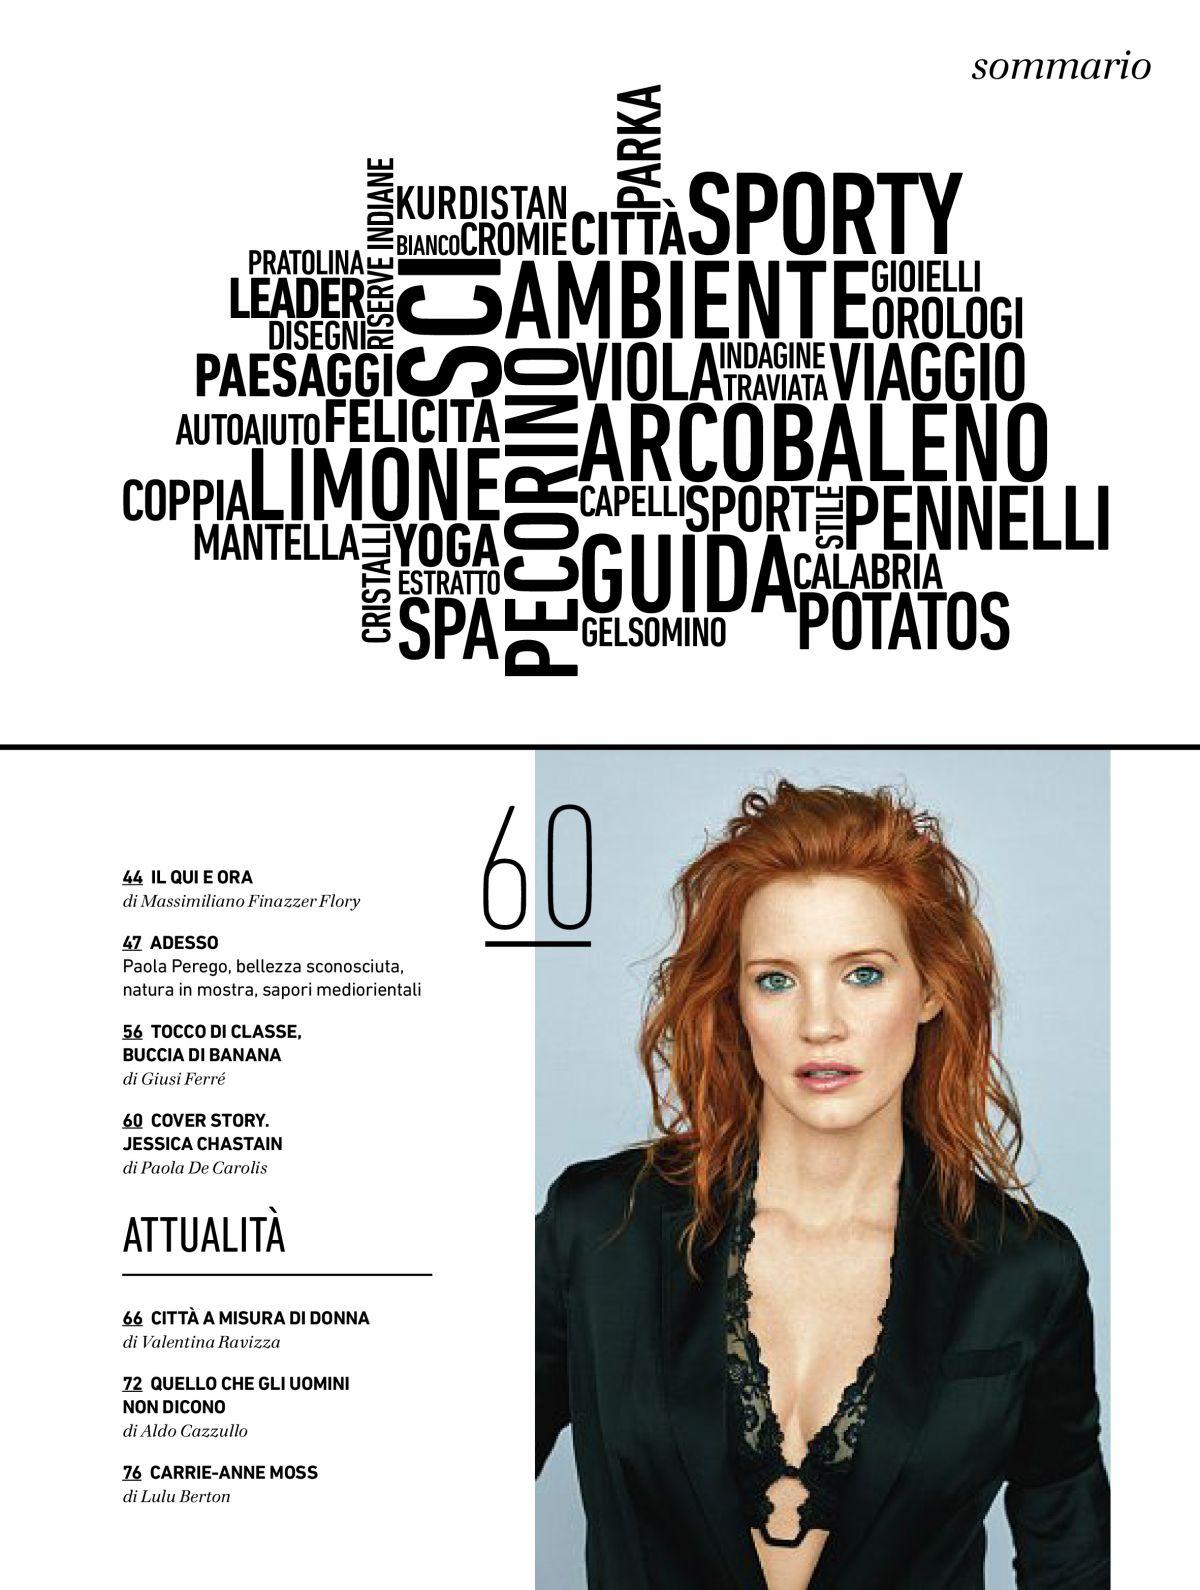 9bf59cbf5689 JESSICA CHASTAIN in Io Donna Del Corriere Della Sera